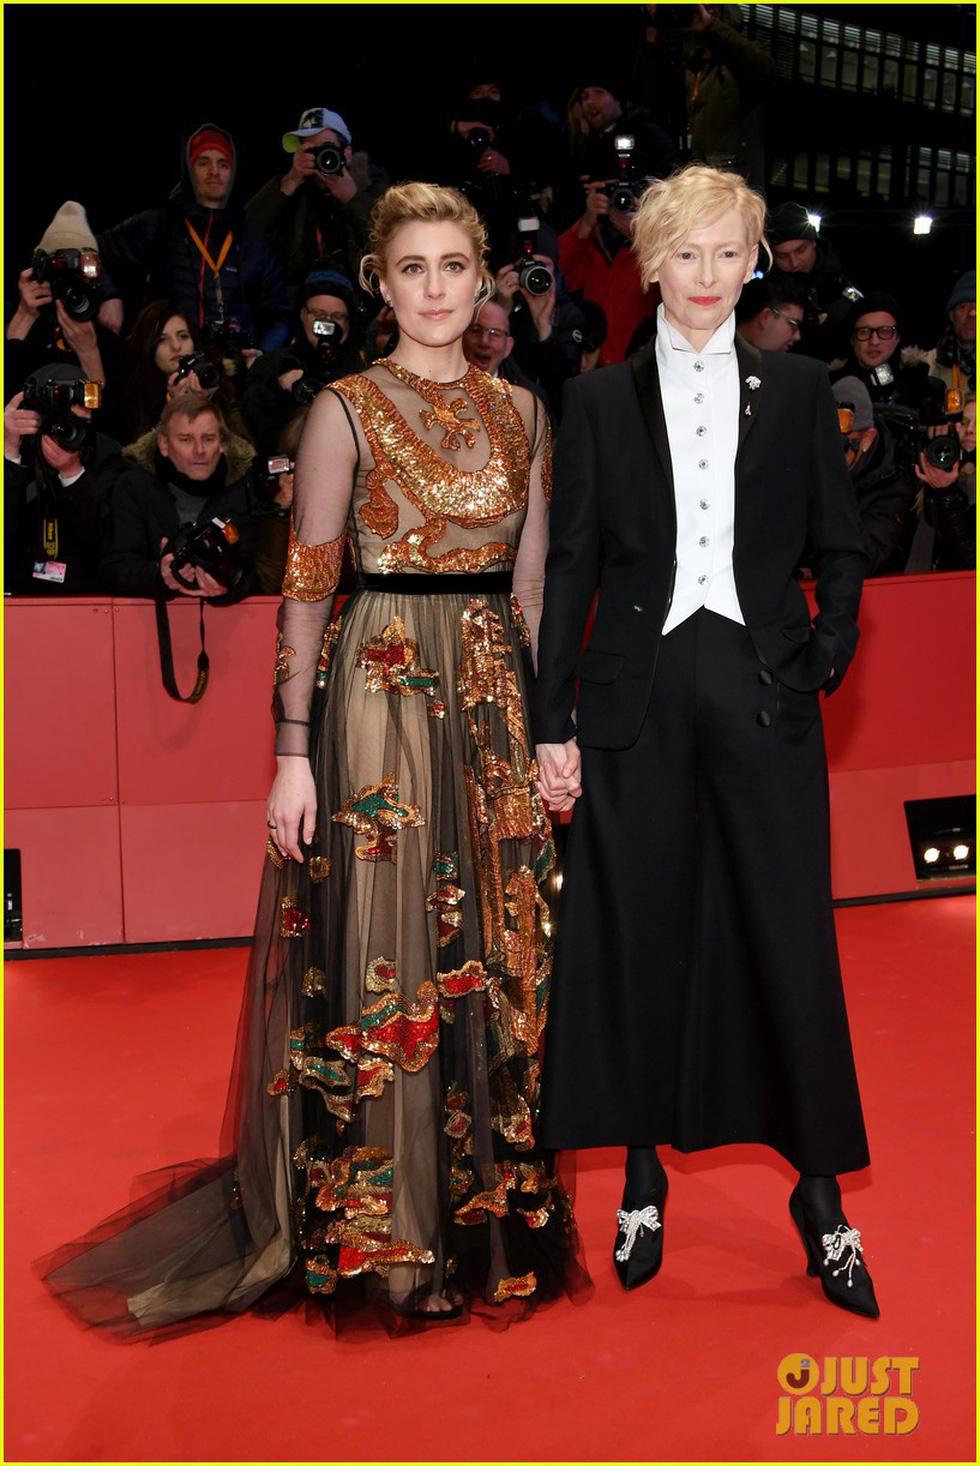 Dàn sao Hollywood trên thảm đỏ Liên hoan phim Berlin 2018 - Ảnh 8.